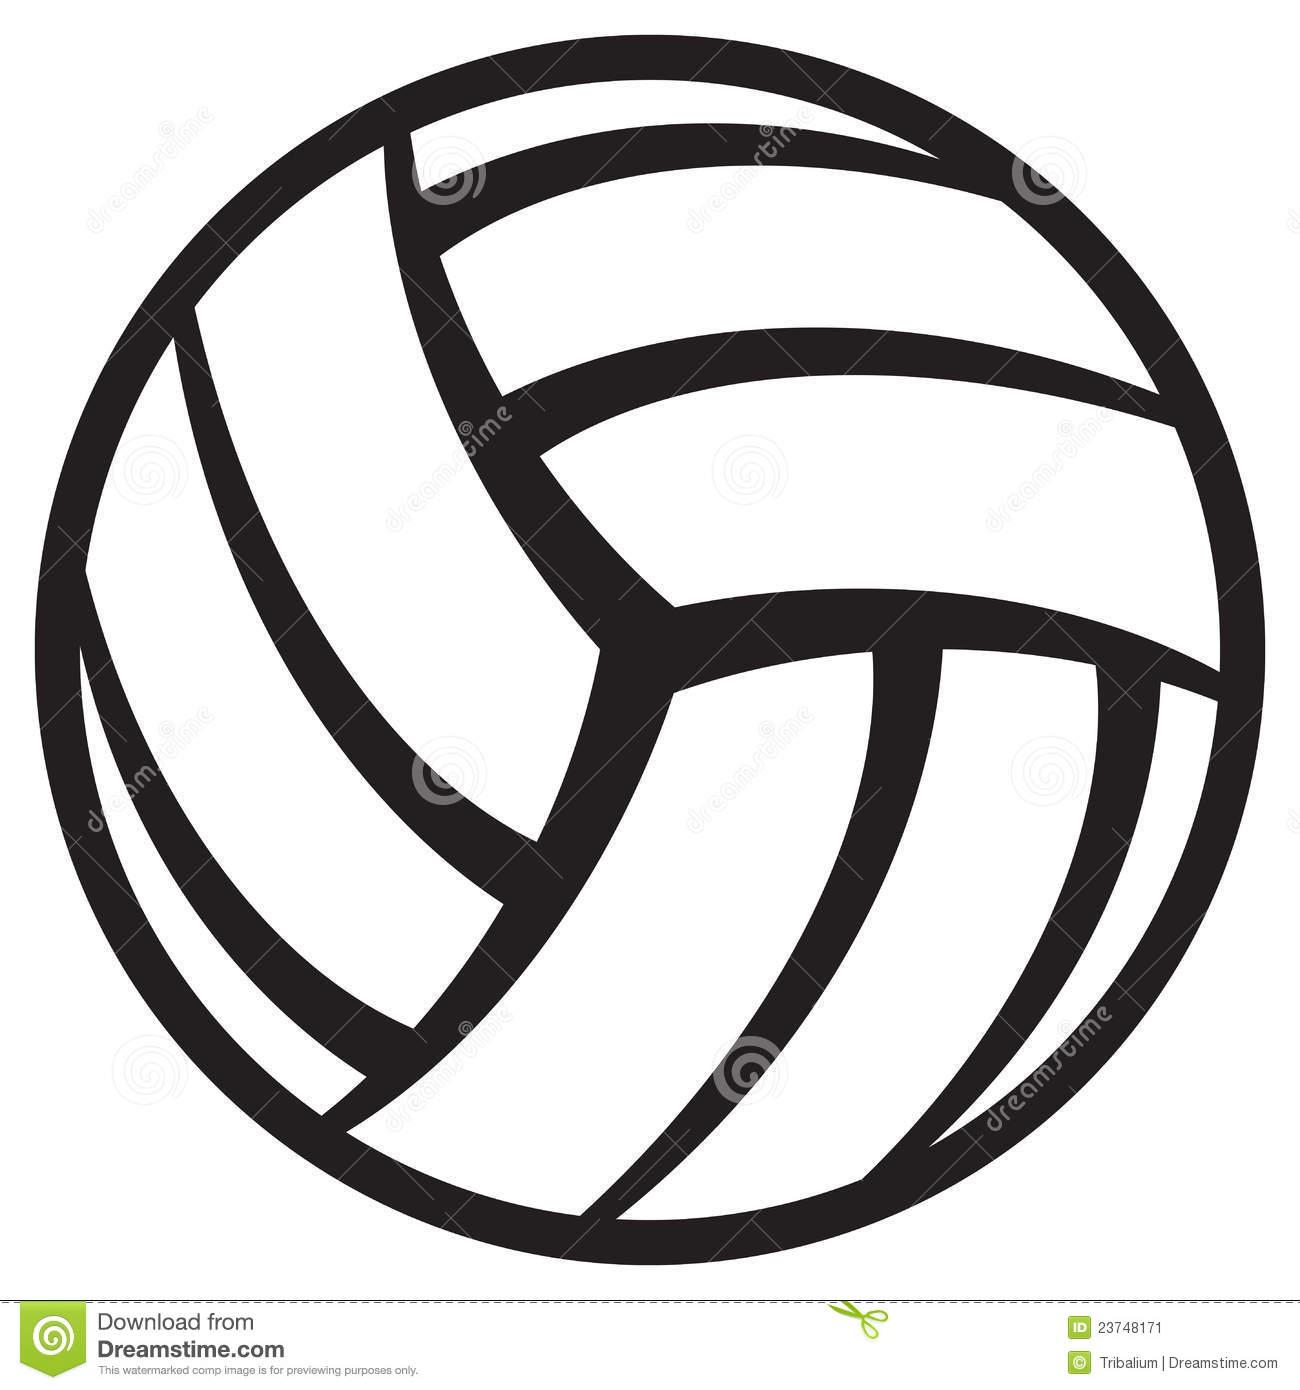 Volley ball clip art.